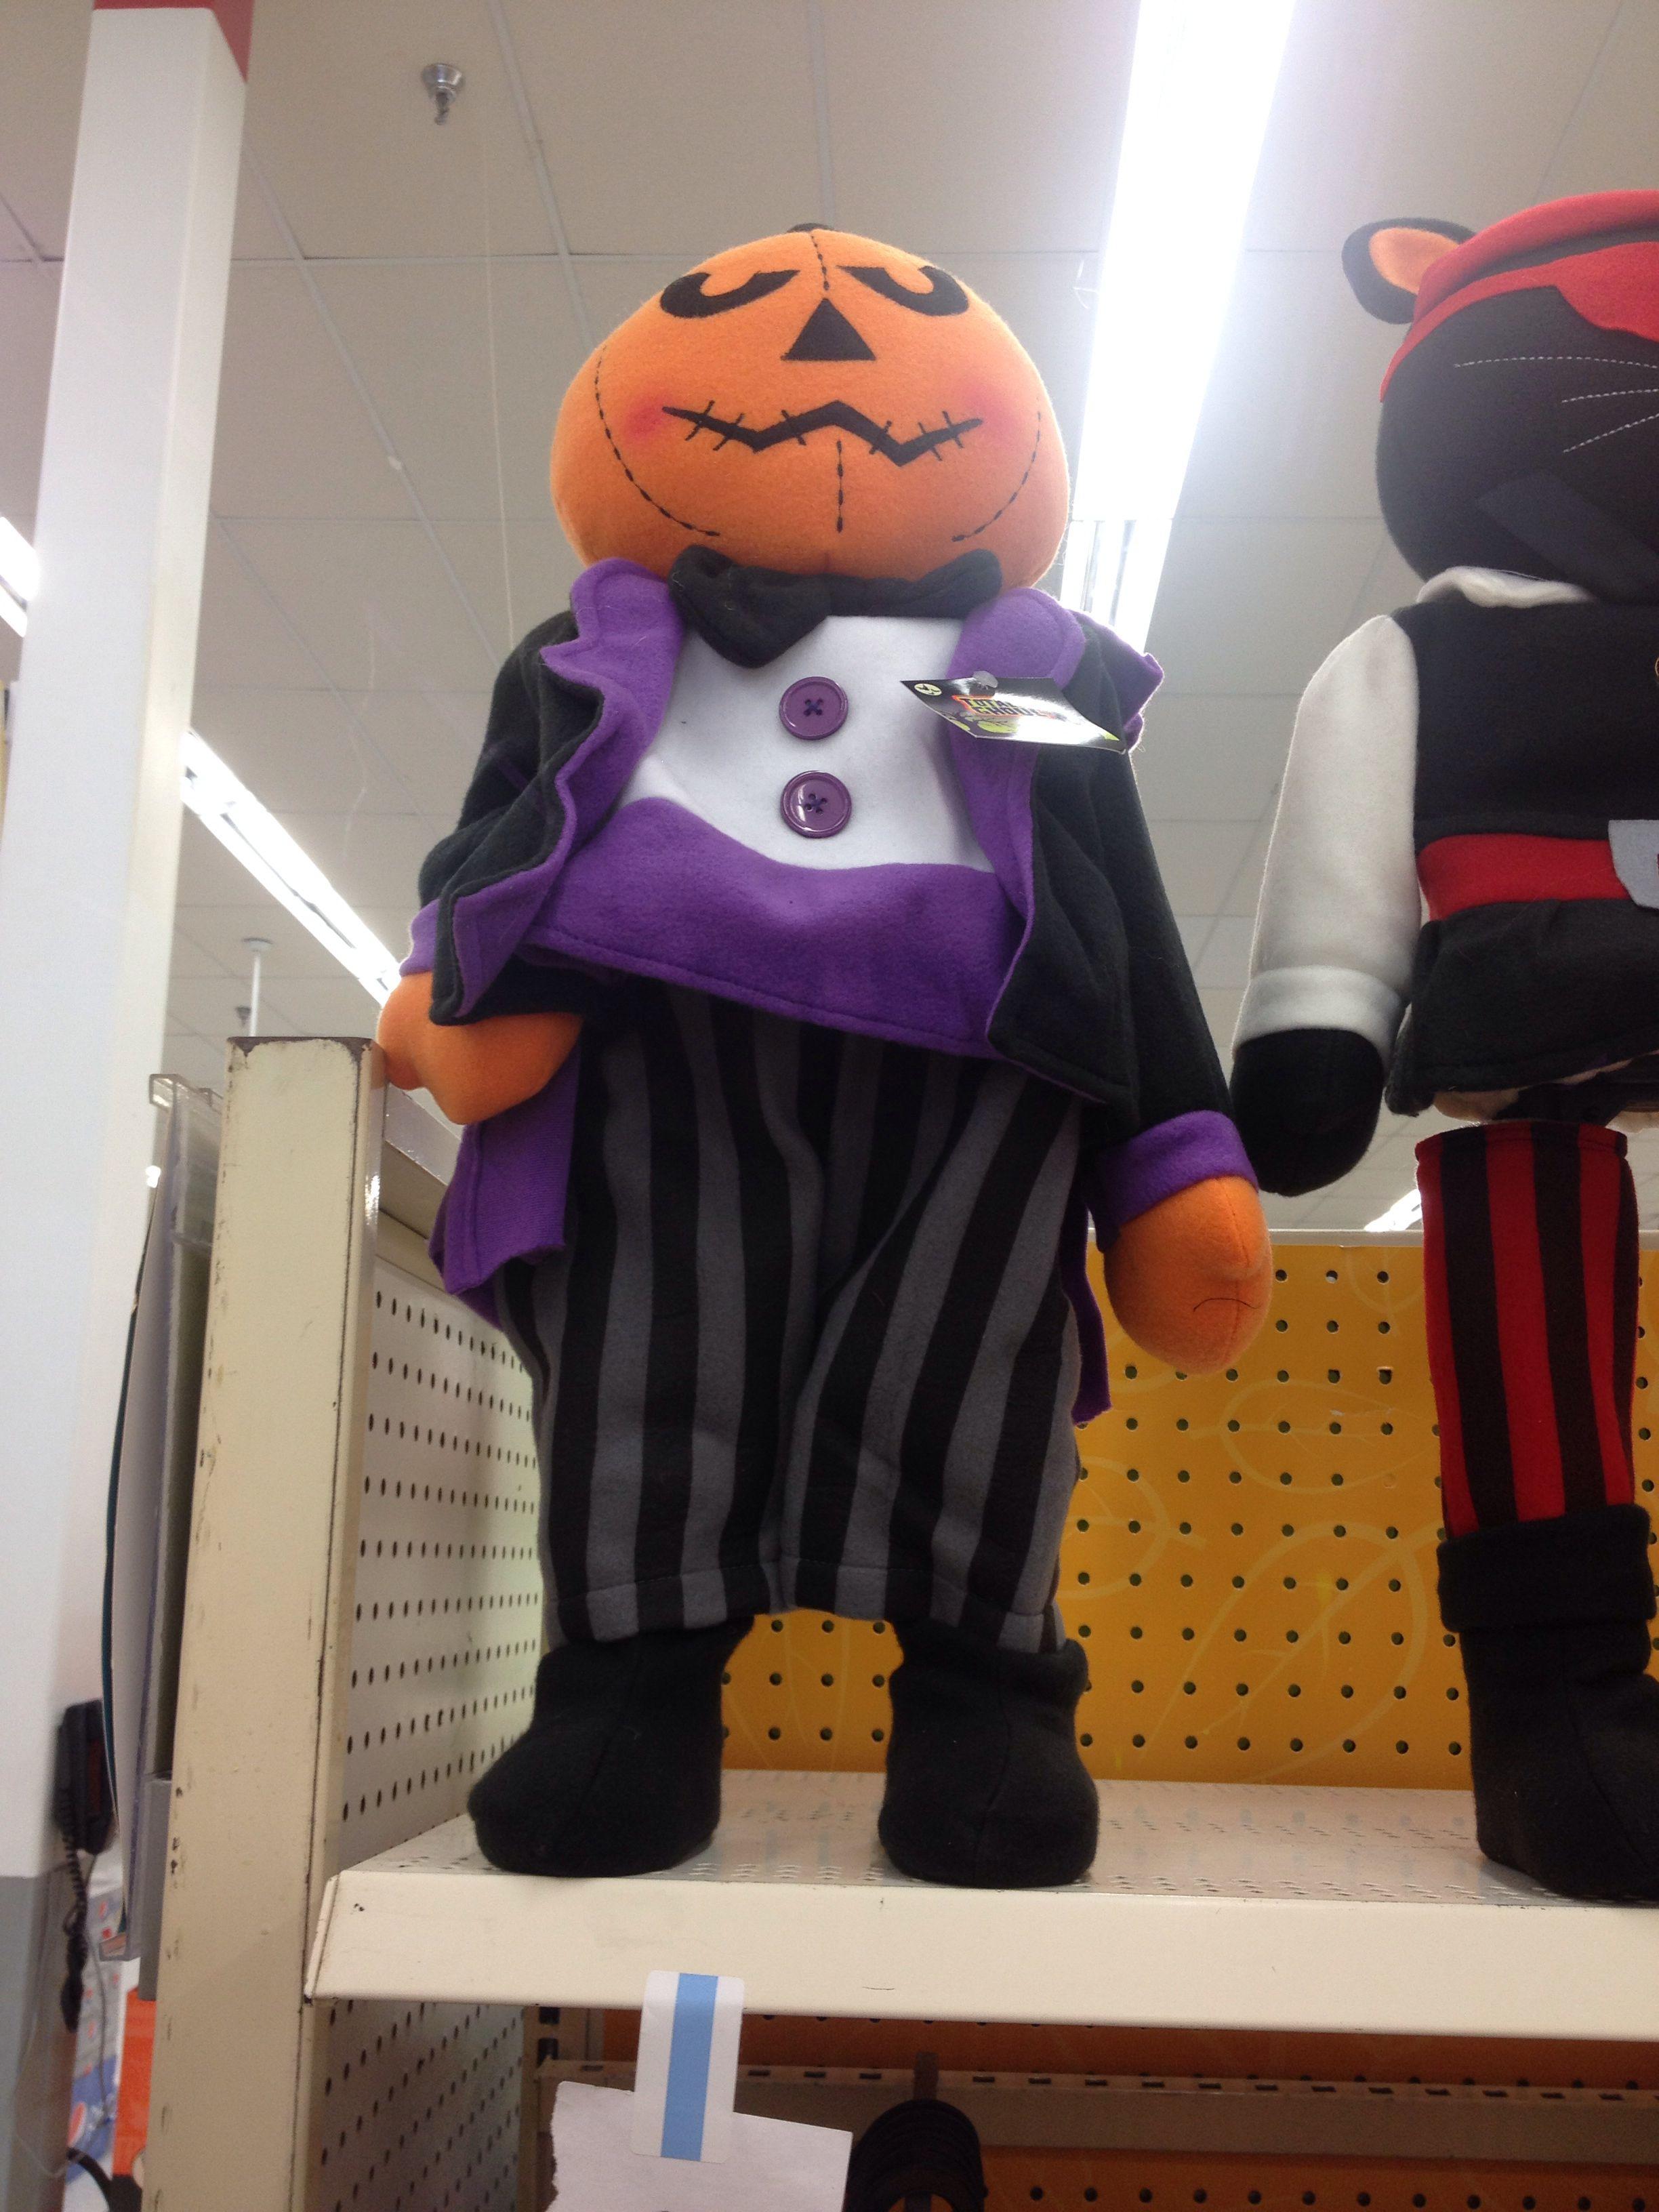 standing pumpkin man at kmart halloween decorations - Kmart Halloween Decorations